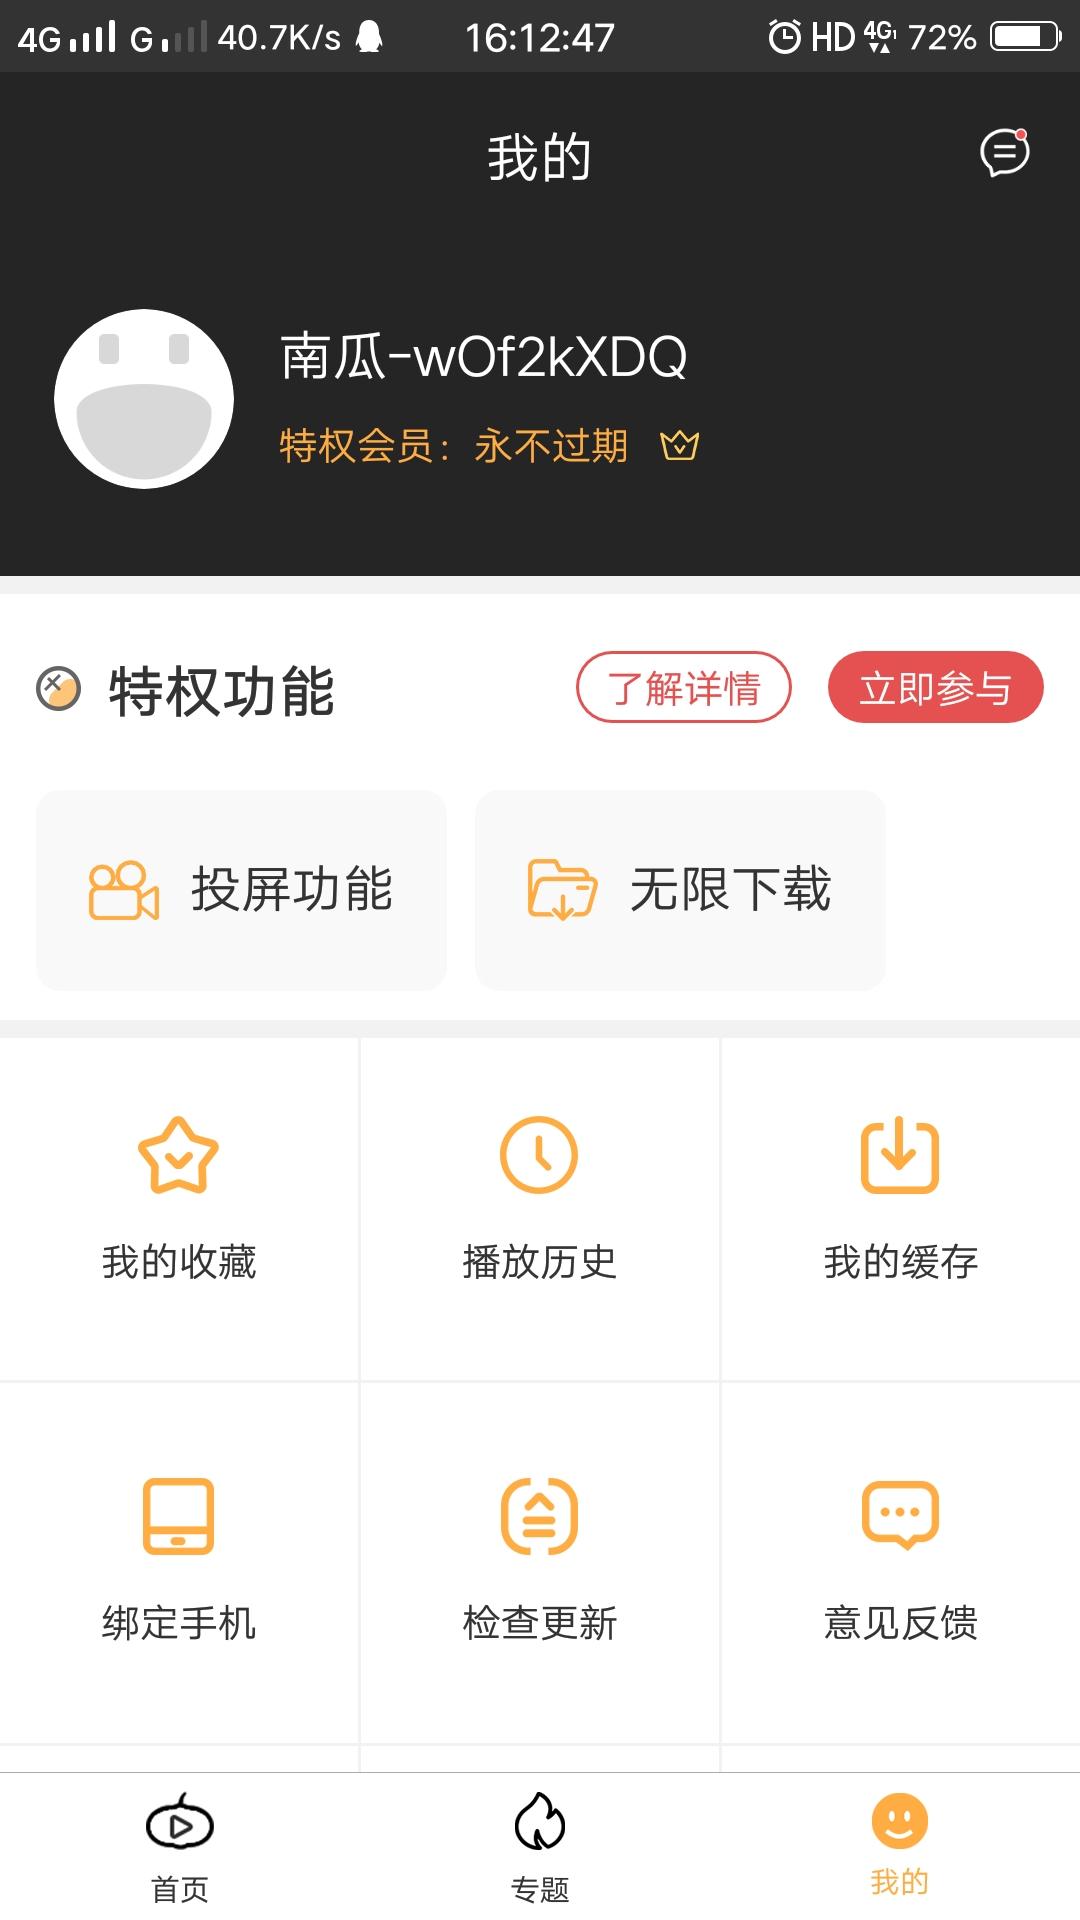 Screenshot_20191015_161248.jpg